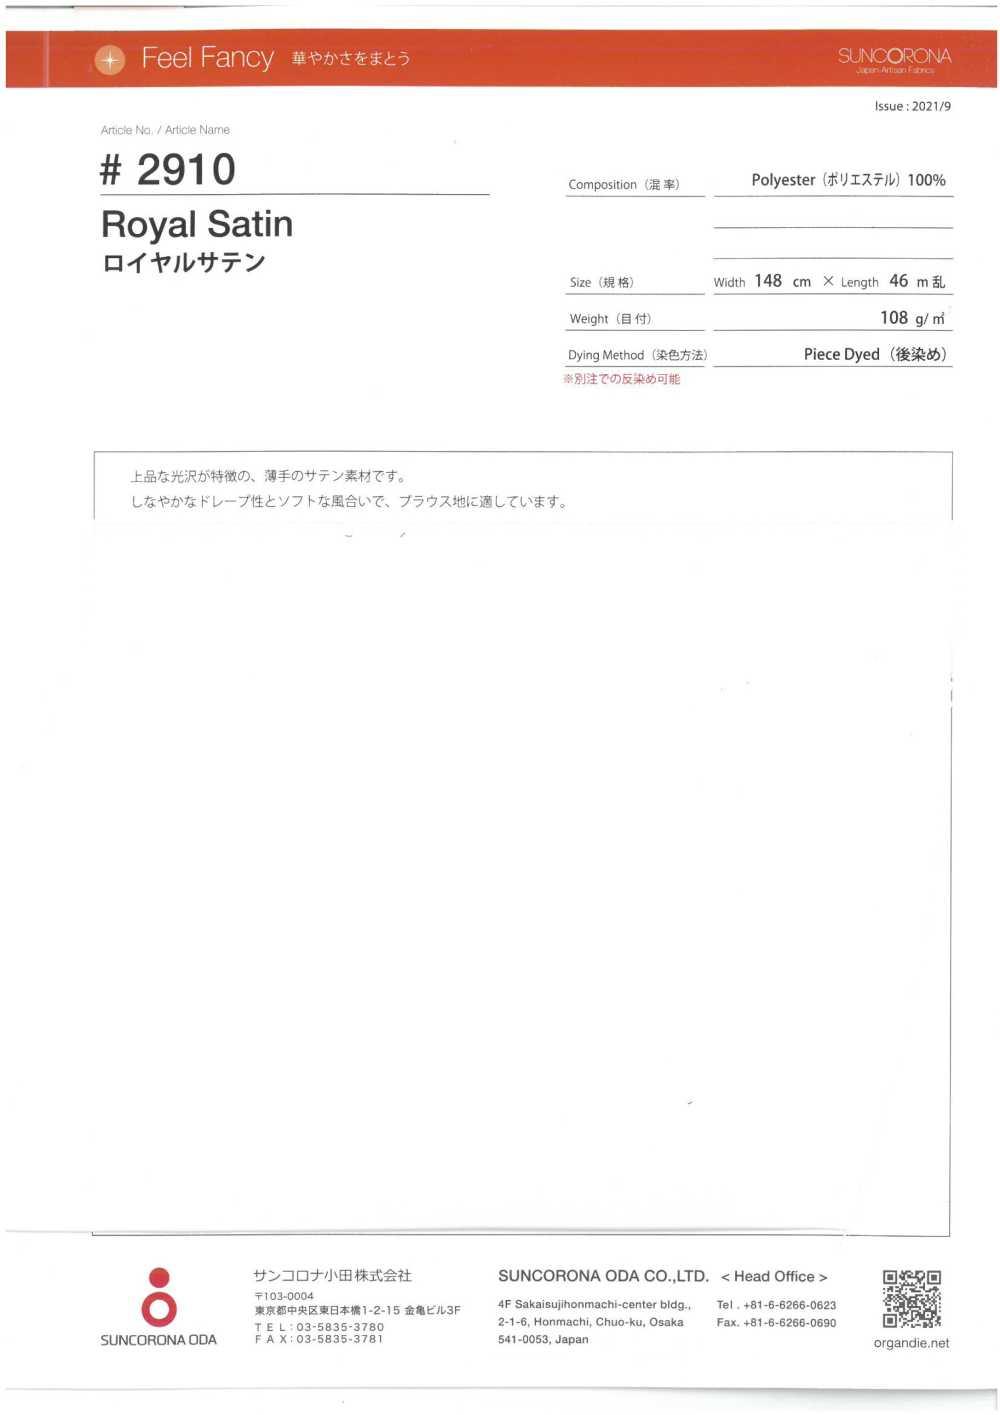 2910 ロイヤルサテン[生地] サンコロナ小田/オークラ商事 - ApparelX アパレル資材卸通販